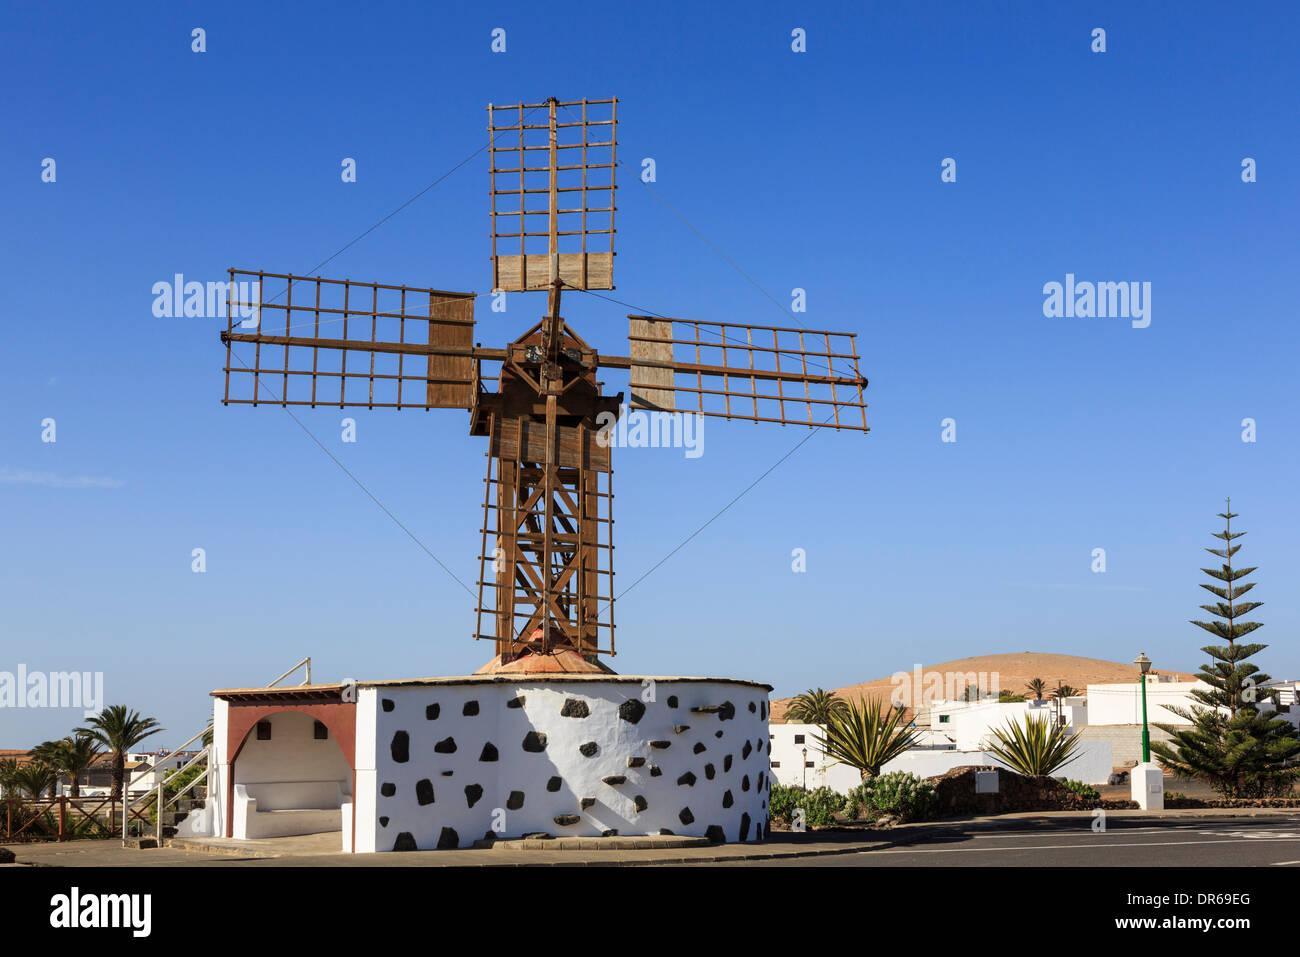 Traditionelle hölzerne Windmühle in alte Stadt Teguise, Lanzarote, Kanarische Inseln, Spanien, Europa. Stockbild